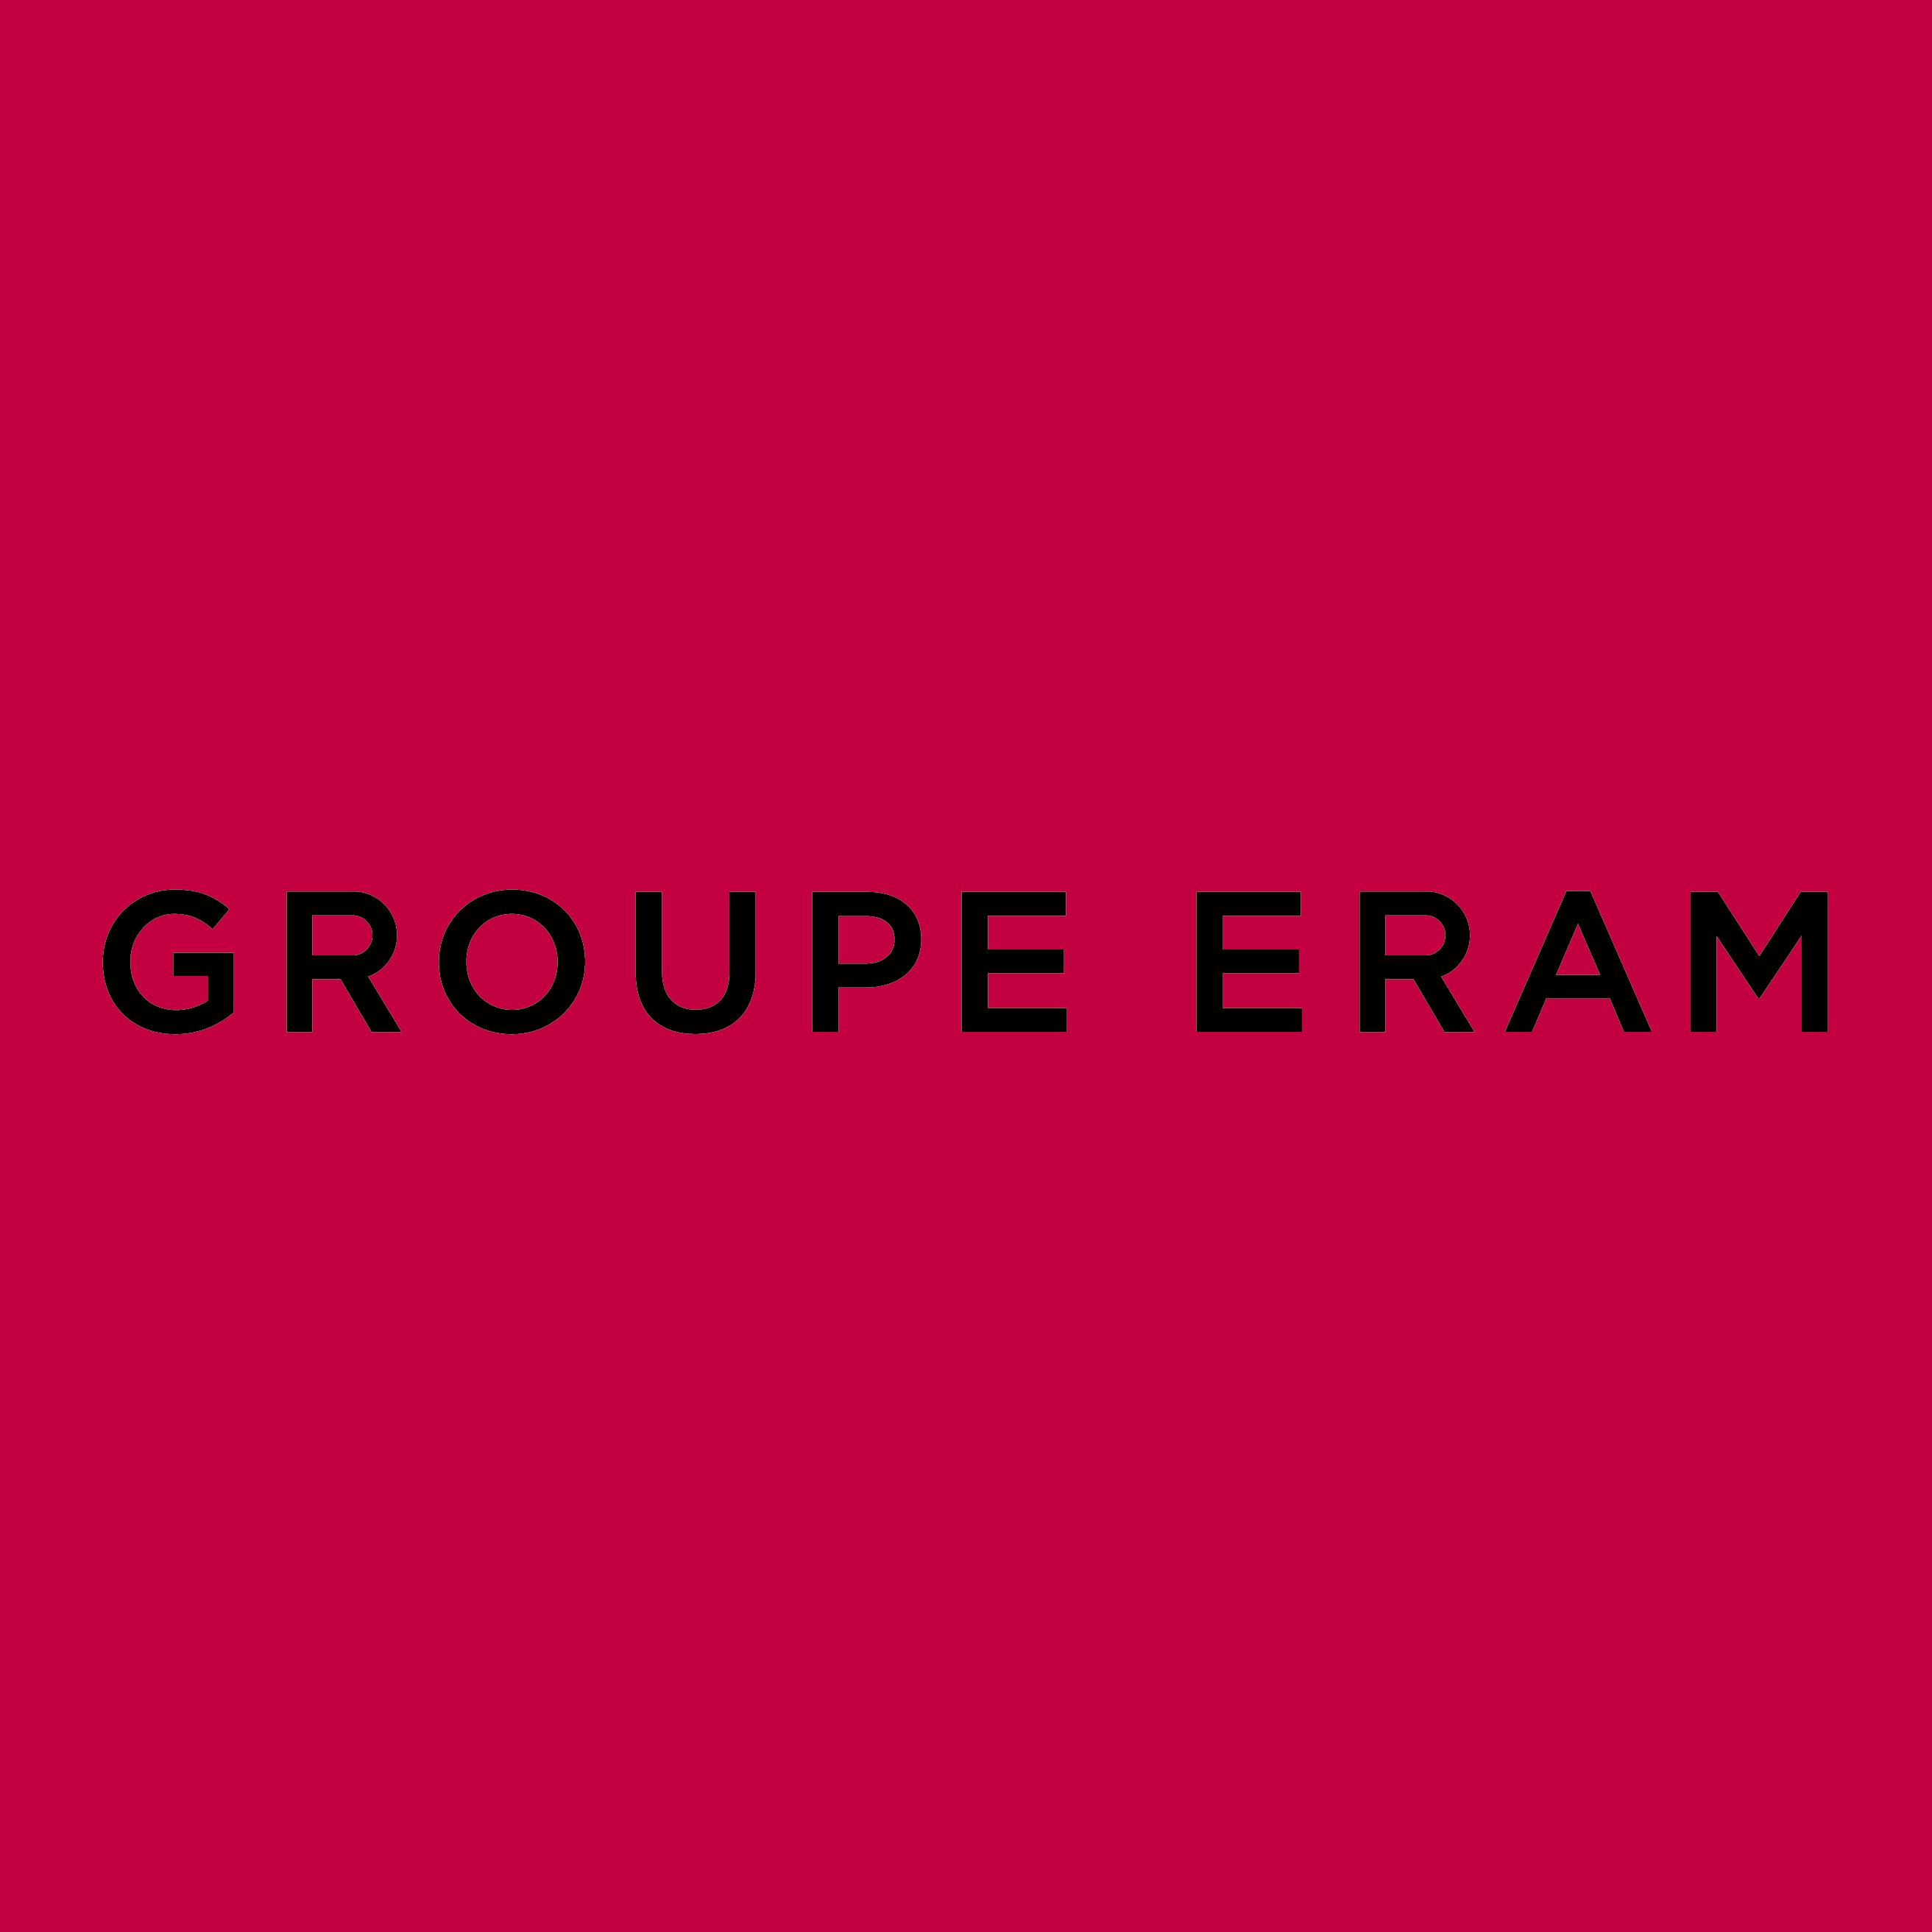 GROUPE-ERAM